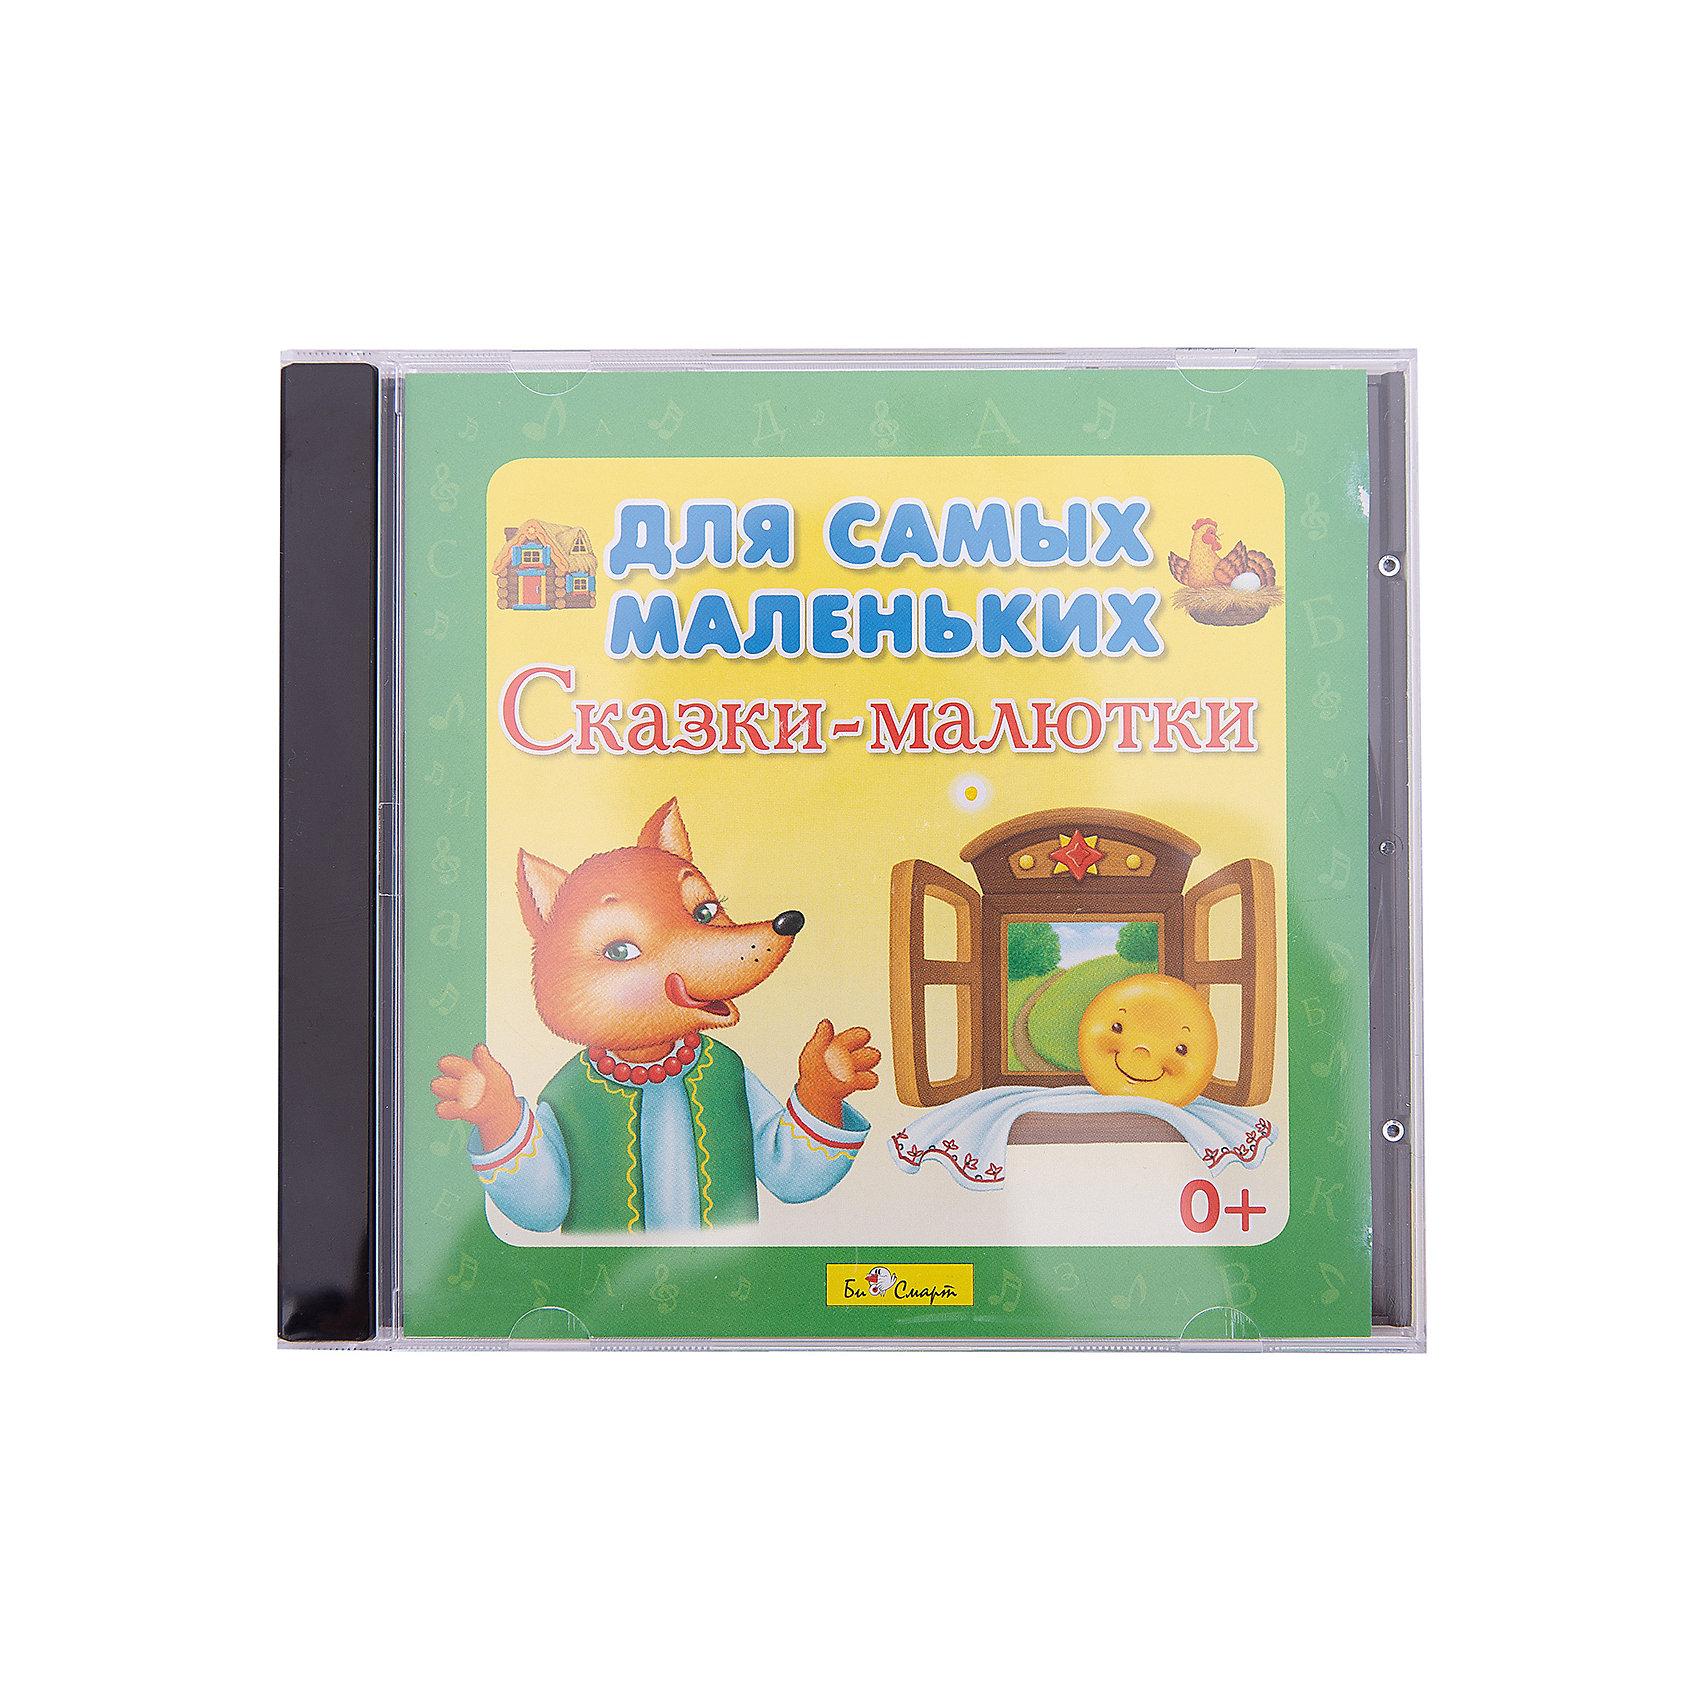 Сказки-малютки для самых маленьких, CD, Би СмартБи Смарт<br>Сказки-малютки для самых маленьких, CD, Би Смарт – подарите вашему ребенку мир сказок.<br>Диск «Для самых маленьких. Сказки-малютки» содержит двенадцать сказок для Вашего малыша. Вы найдёте всеми любимые и хорошо знакомые не одному поколению сказки. Например, это «Курочка Ряба», «Колобок», «Репка», «Коза-дереза» и другие. Сказки озвучены профессиональной актрисой Малого театра, а также аранжированы специалистами.<br><br>Дополнительная информация:<br><br>-Состав диска:<br><br>1. Теремок – 03:51<br>2. Колобок - 02:44<br>3. Курочка Ряба - 01:07<br>4. Репка - 02:05<br>5. Бычок – смоляной бочок - 05:56<br>6. Медведь и лиса - 04:11<br>7. Коза-дереза (в сокращении) - 02:58<br>8. Кот, петух и лиса - 06:59<br>9. Три медведя - 04:54<br>10. Семеро козлят - 04:10<br>11. Снегурушка и лиса - 04:27<br>12. Коза с орехами - 03:45<br><br>-Общее время звучания: 47:09<br><br>Сказки-малютки для самых маленьких, CD, Би Смарт - эти сказки обязательно понравятся вашему малышу, и он полюбит их героев!<br><br>Диск Сказки-малютки для самых маленьких, CD, Би Смарт можно купить в нашем интернет-магазине.<br><br>Ширина мм: 142<br>Глубина мм: 10<br>Высота мм: 125<br>Вес г: 79<br>Возраст от месяцев: 0<br>Возраст до месяцев: 24<br>Пол: Унисекс<br>Возраст: Детский<br>SKU: 3522810